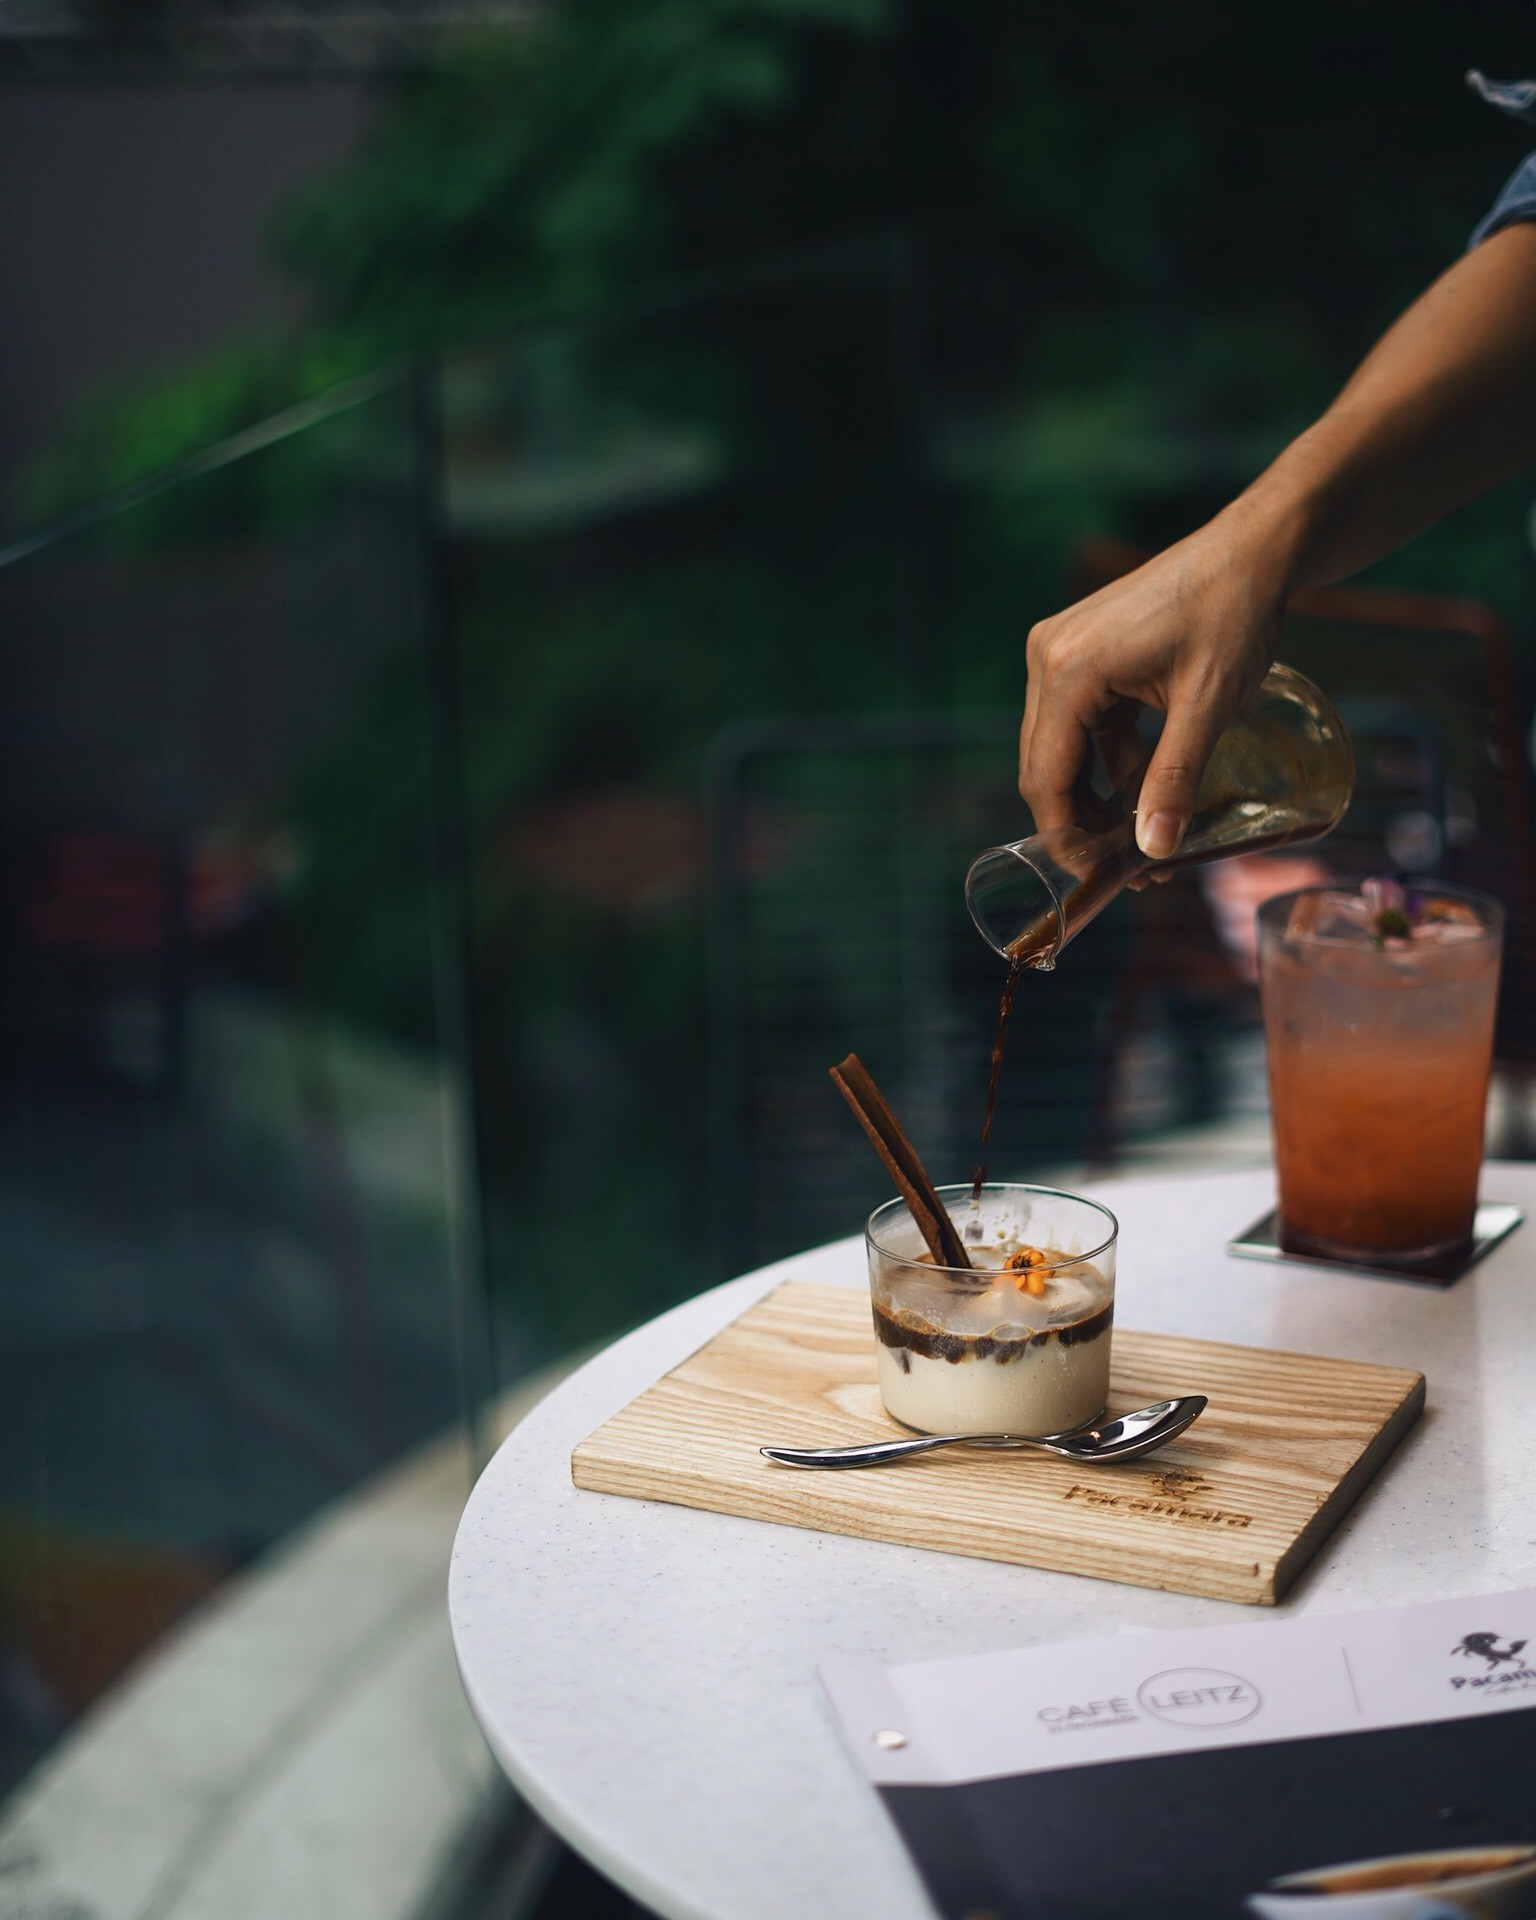 Café Leitz by Pacamara EmQuartier